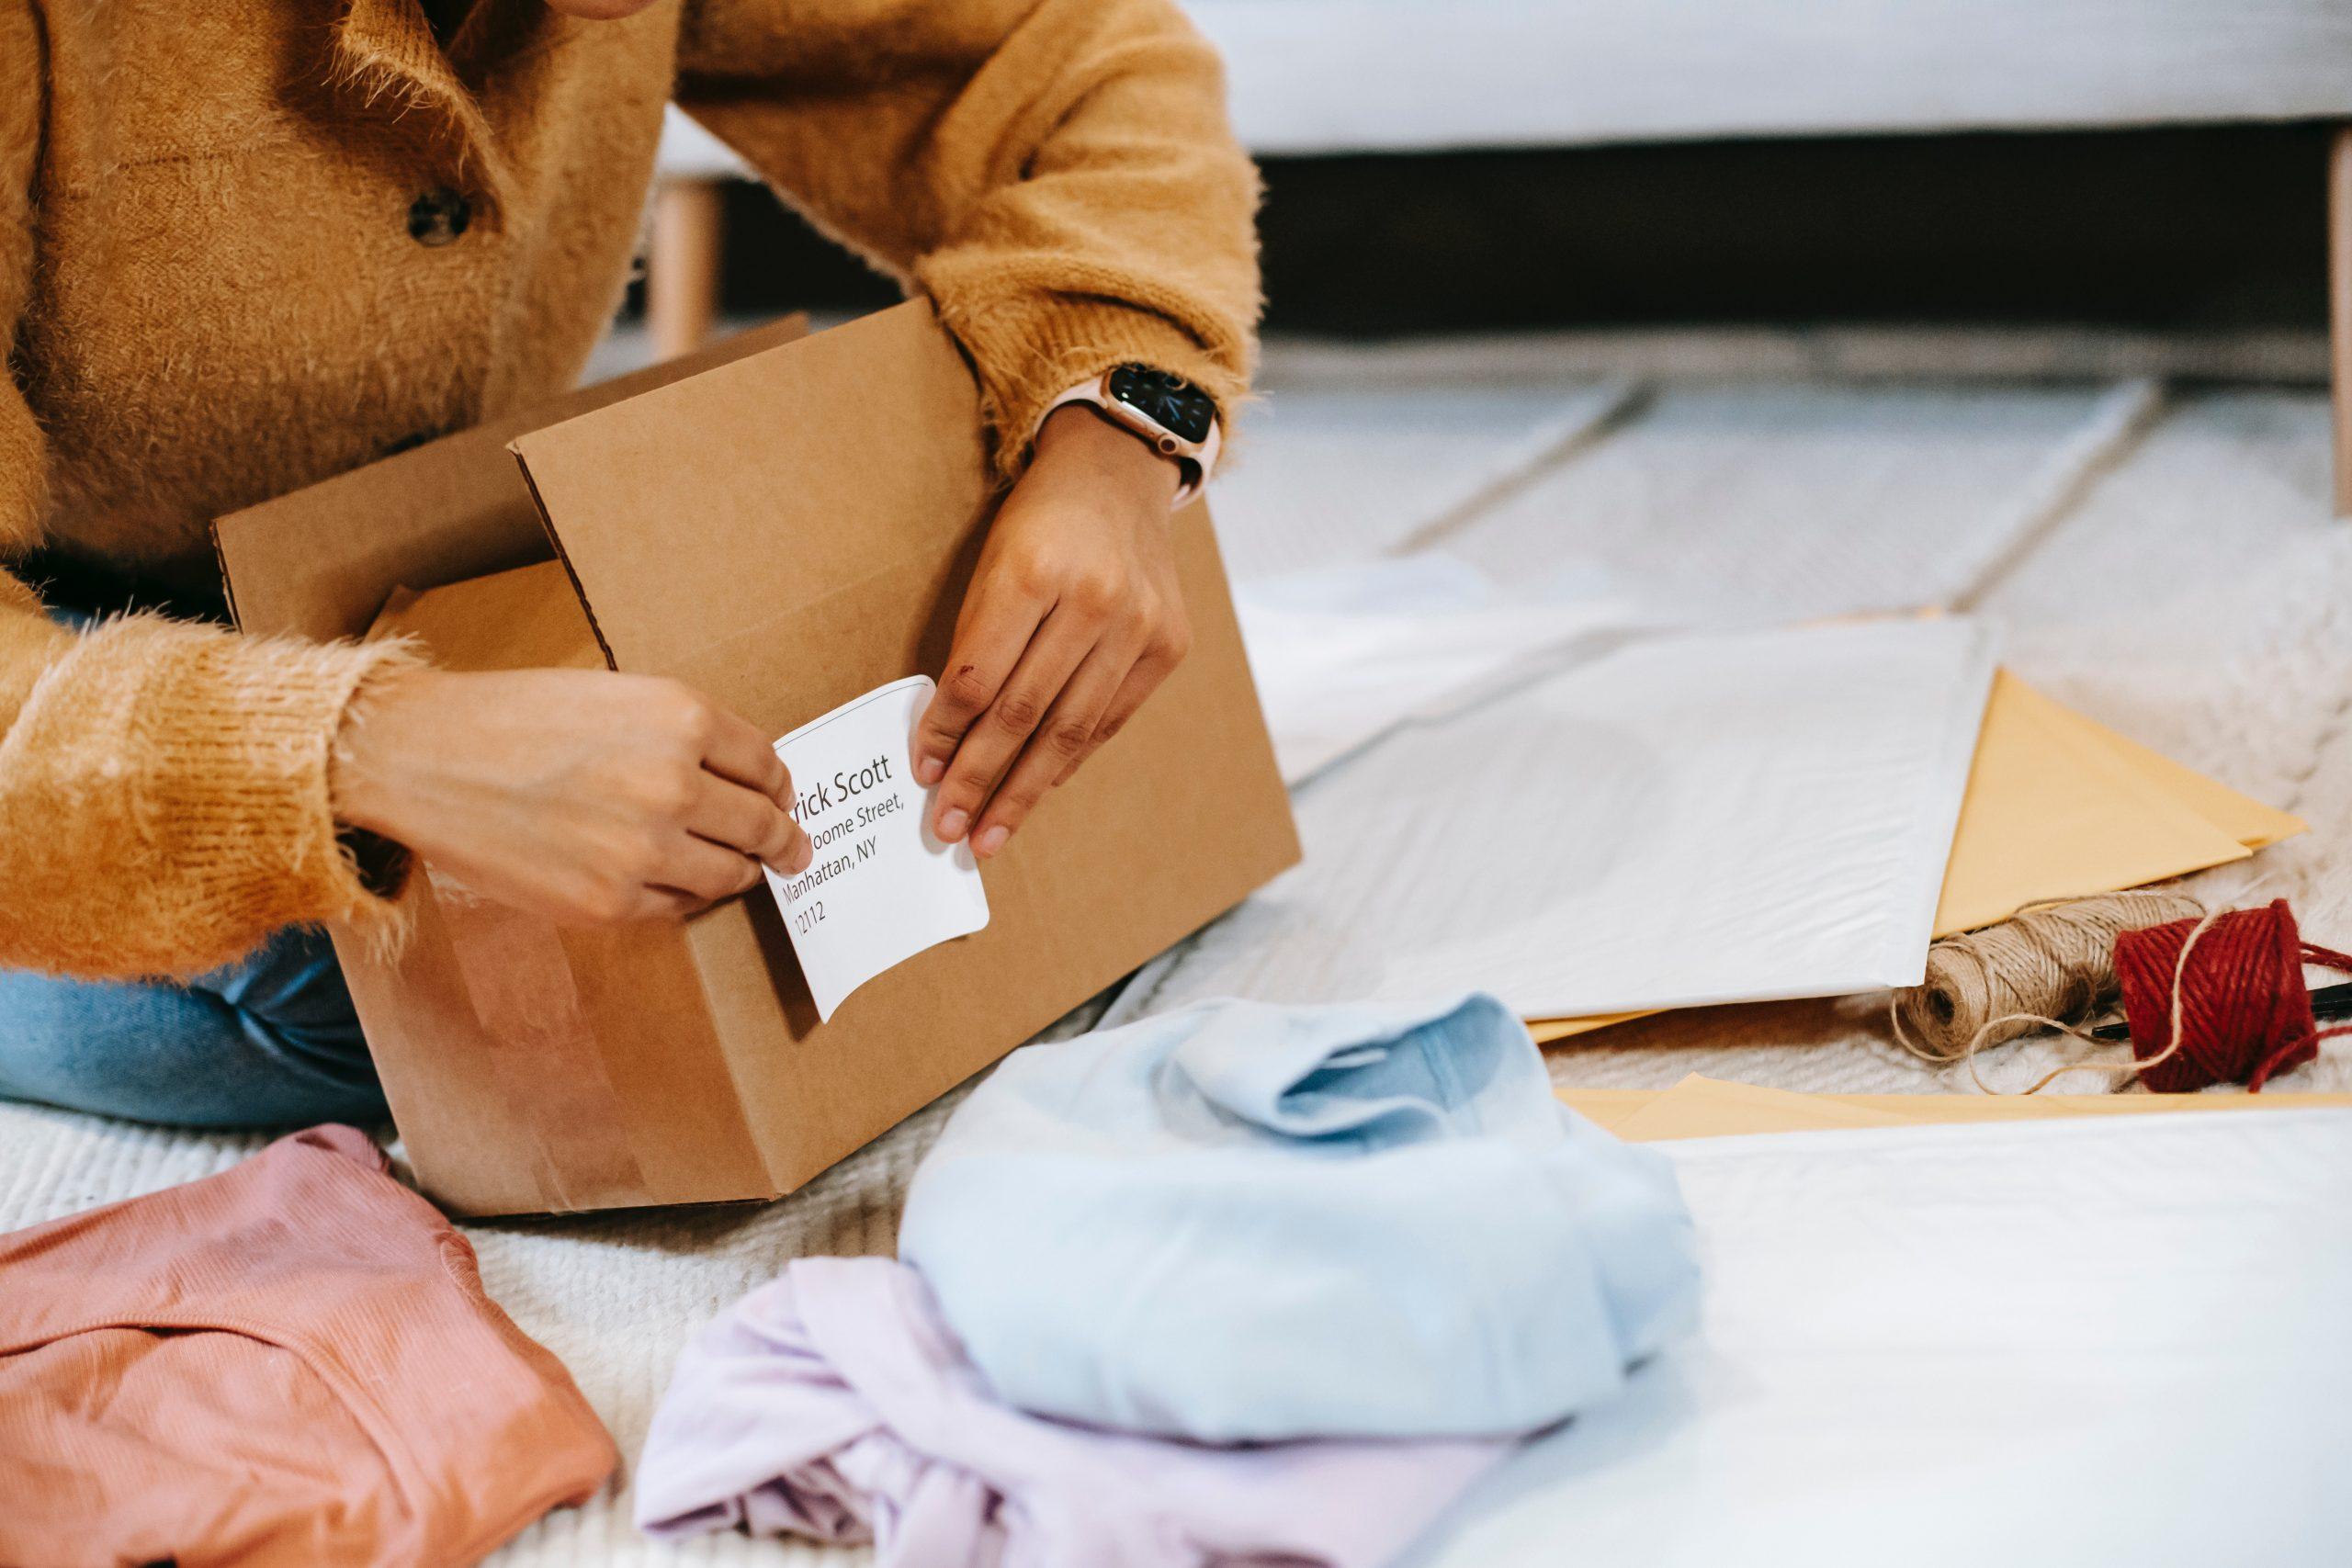 Imagem de uma mulher etiquetando uma caixa de papelão.